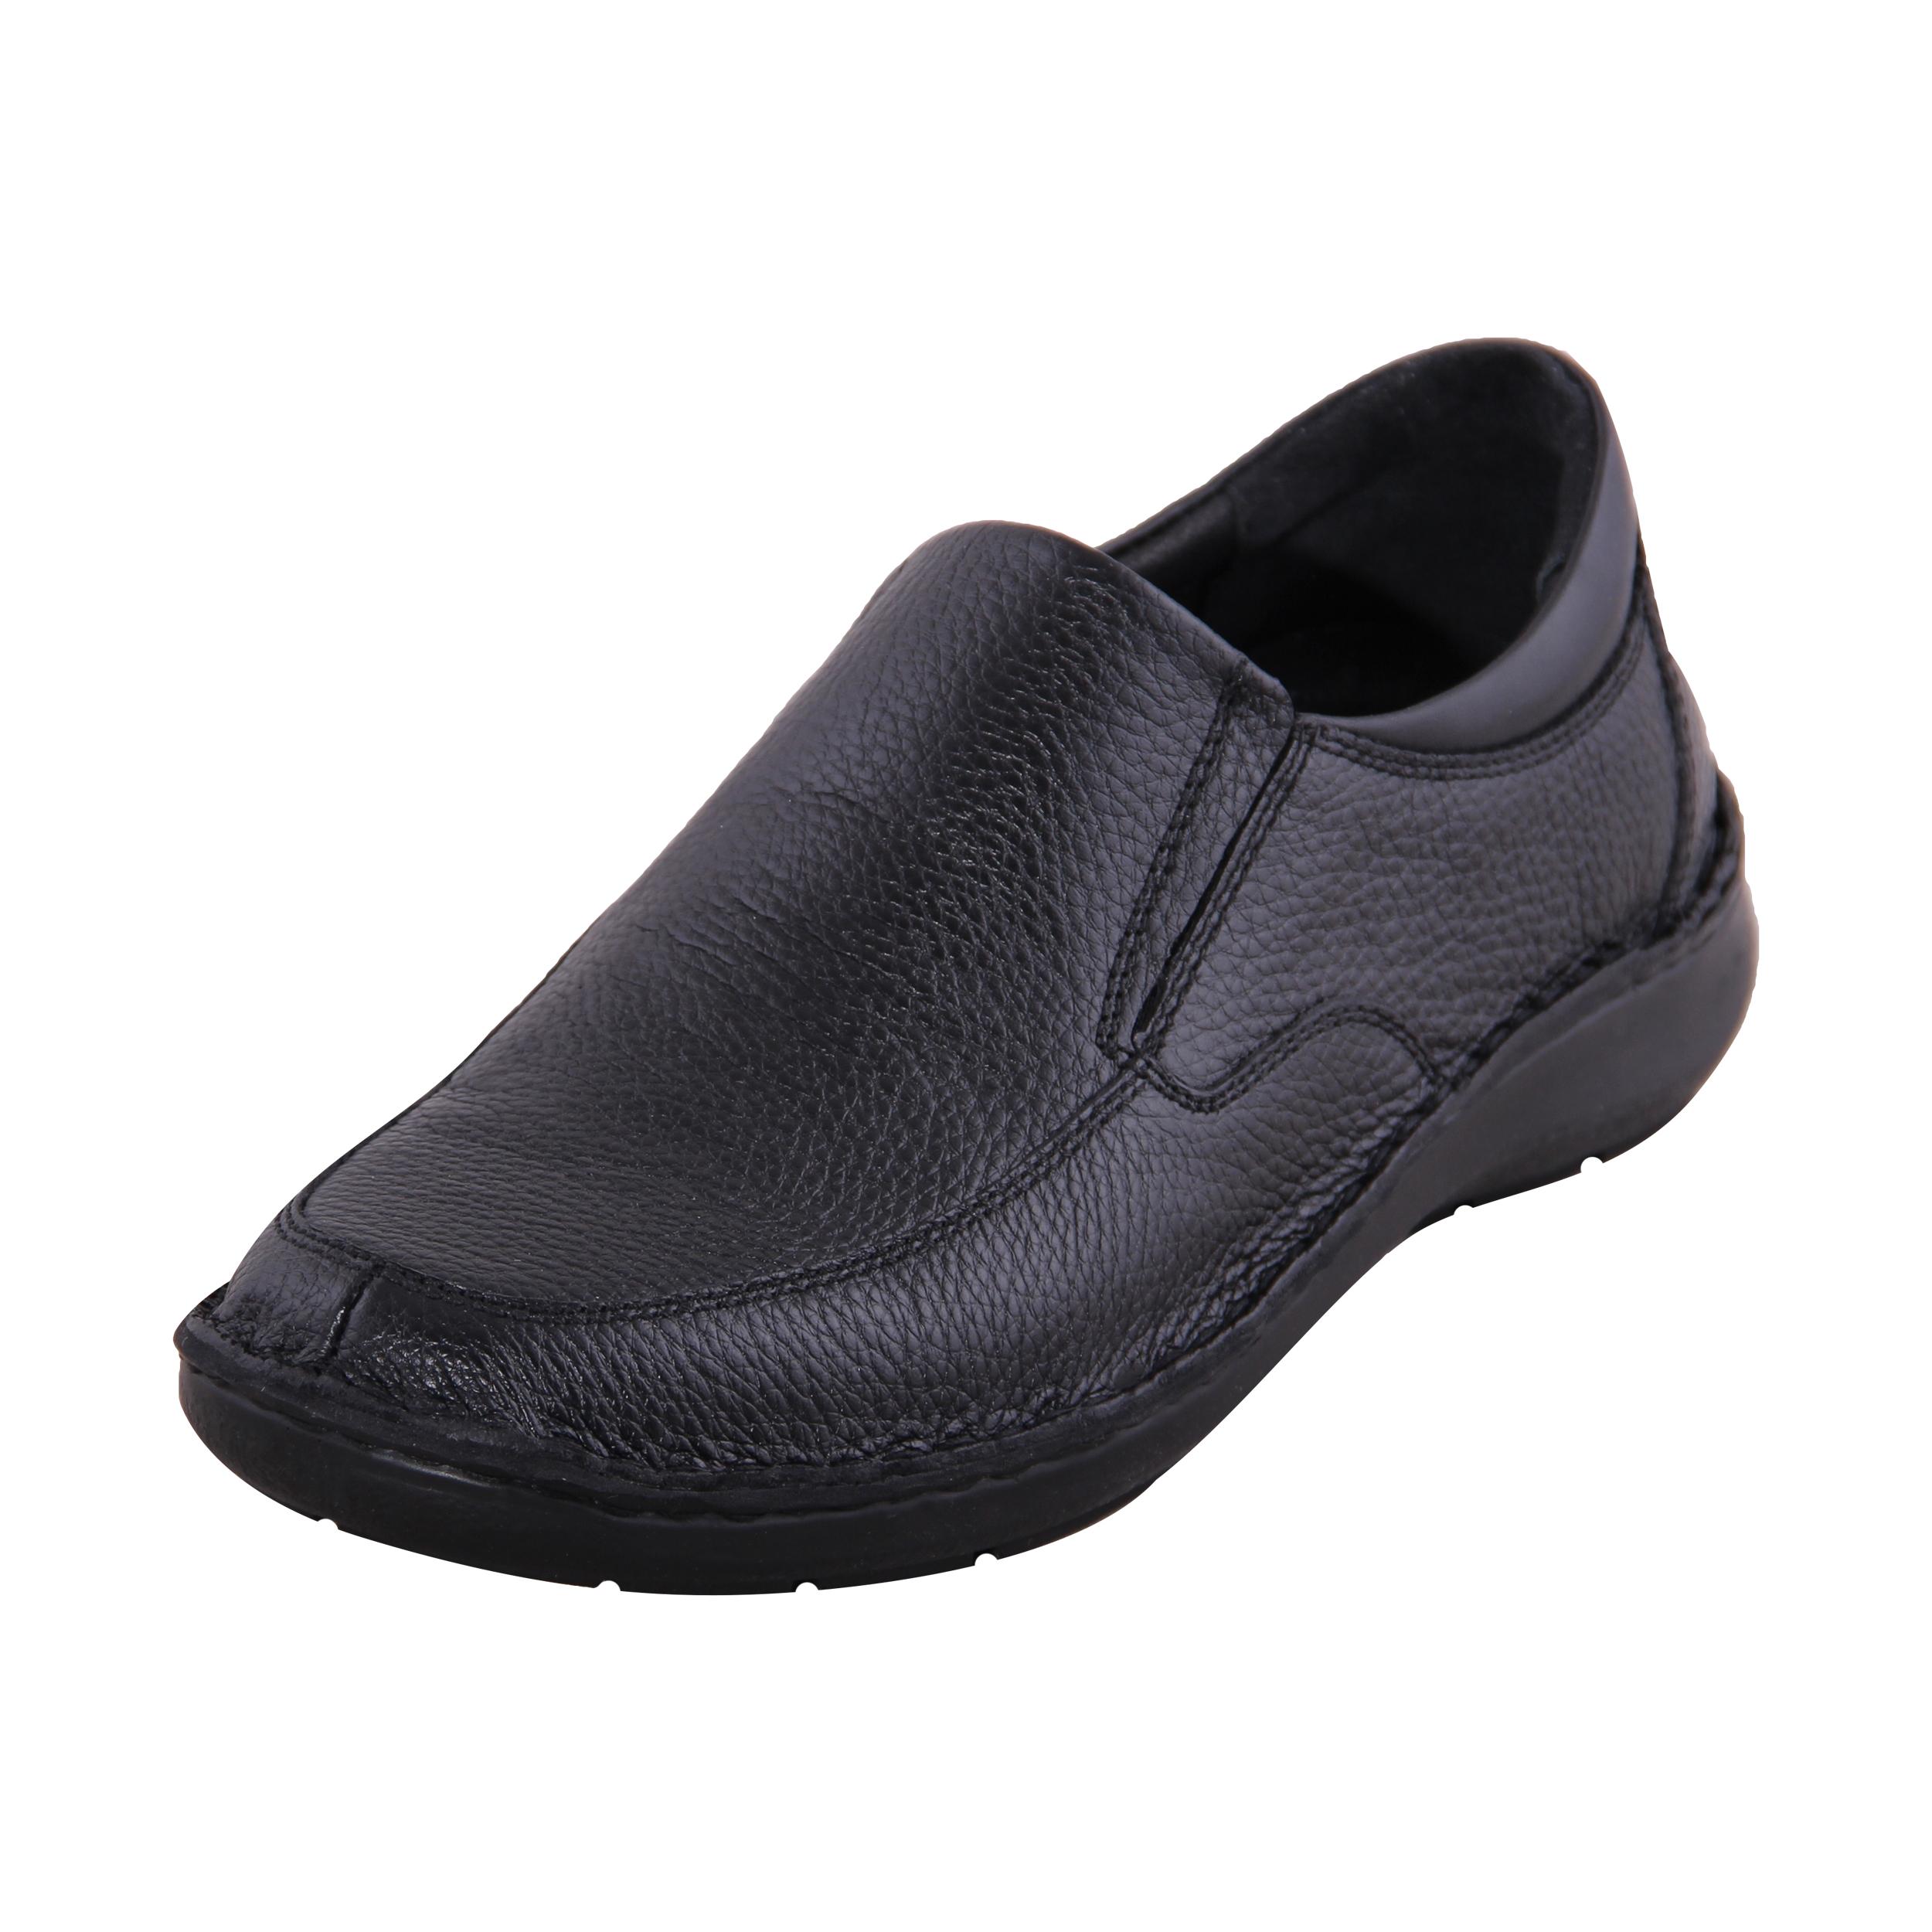 کفش مردانه شهر چرم مدل MT43-1 -  - 2